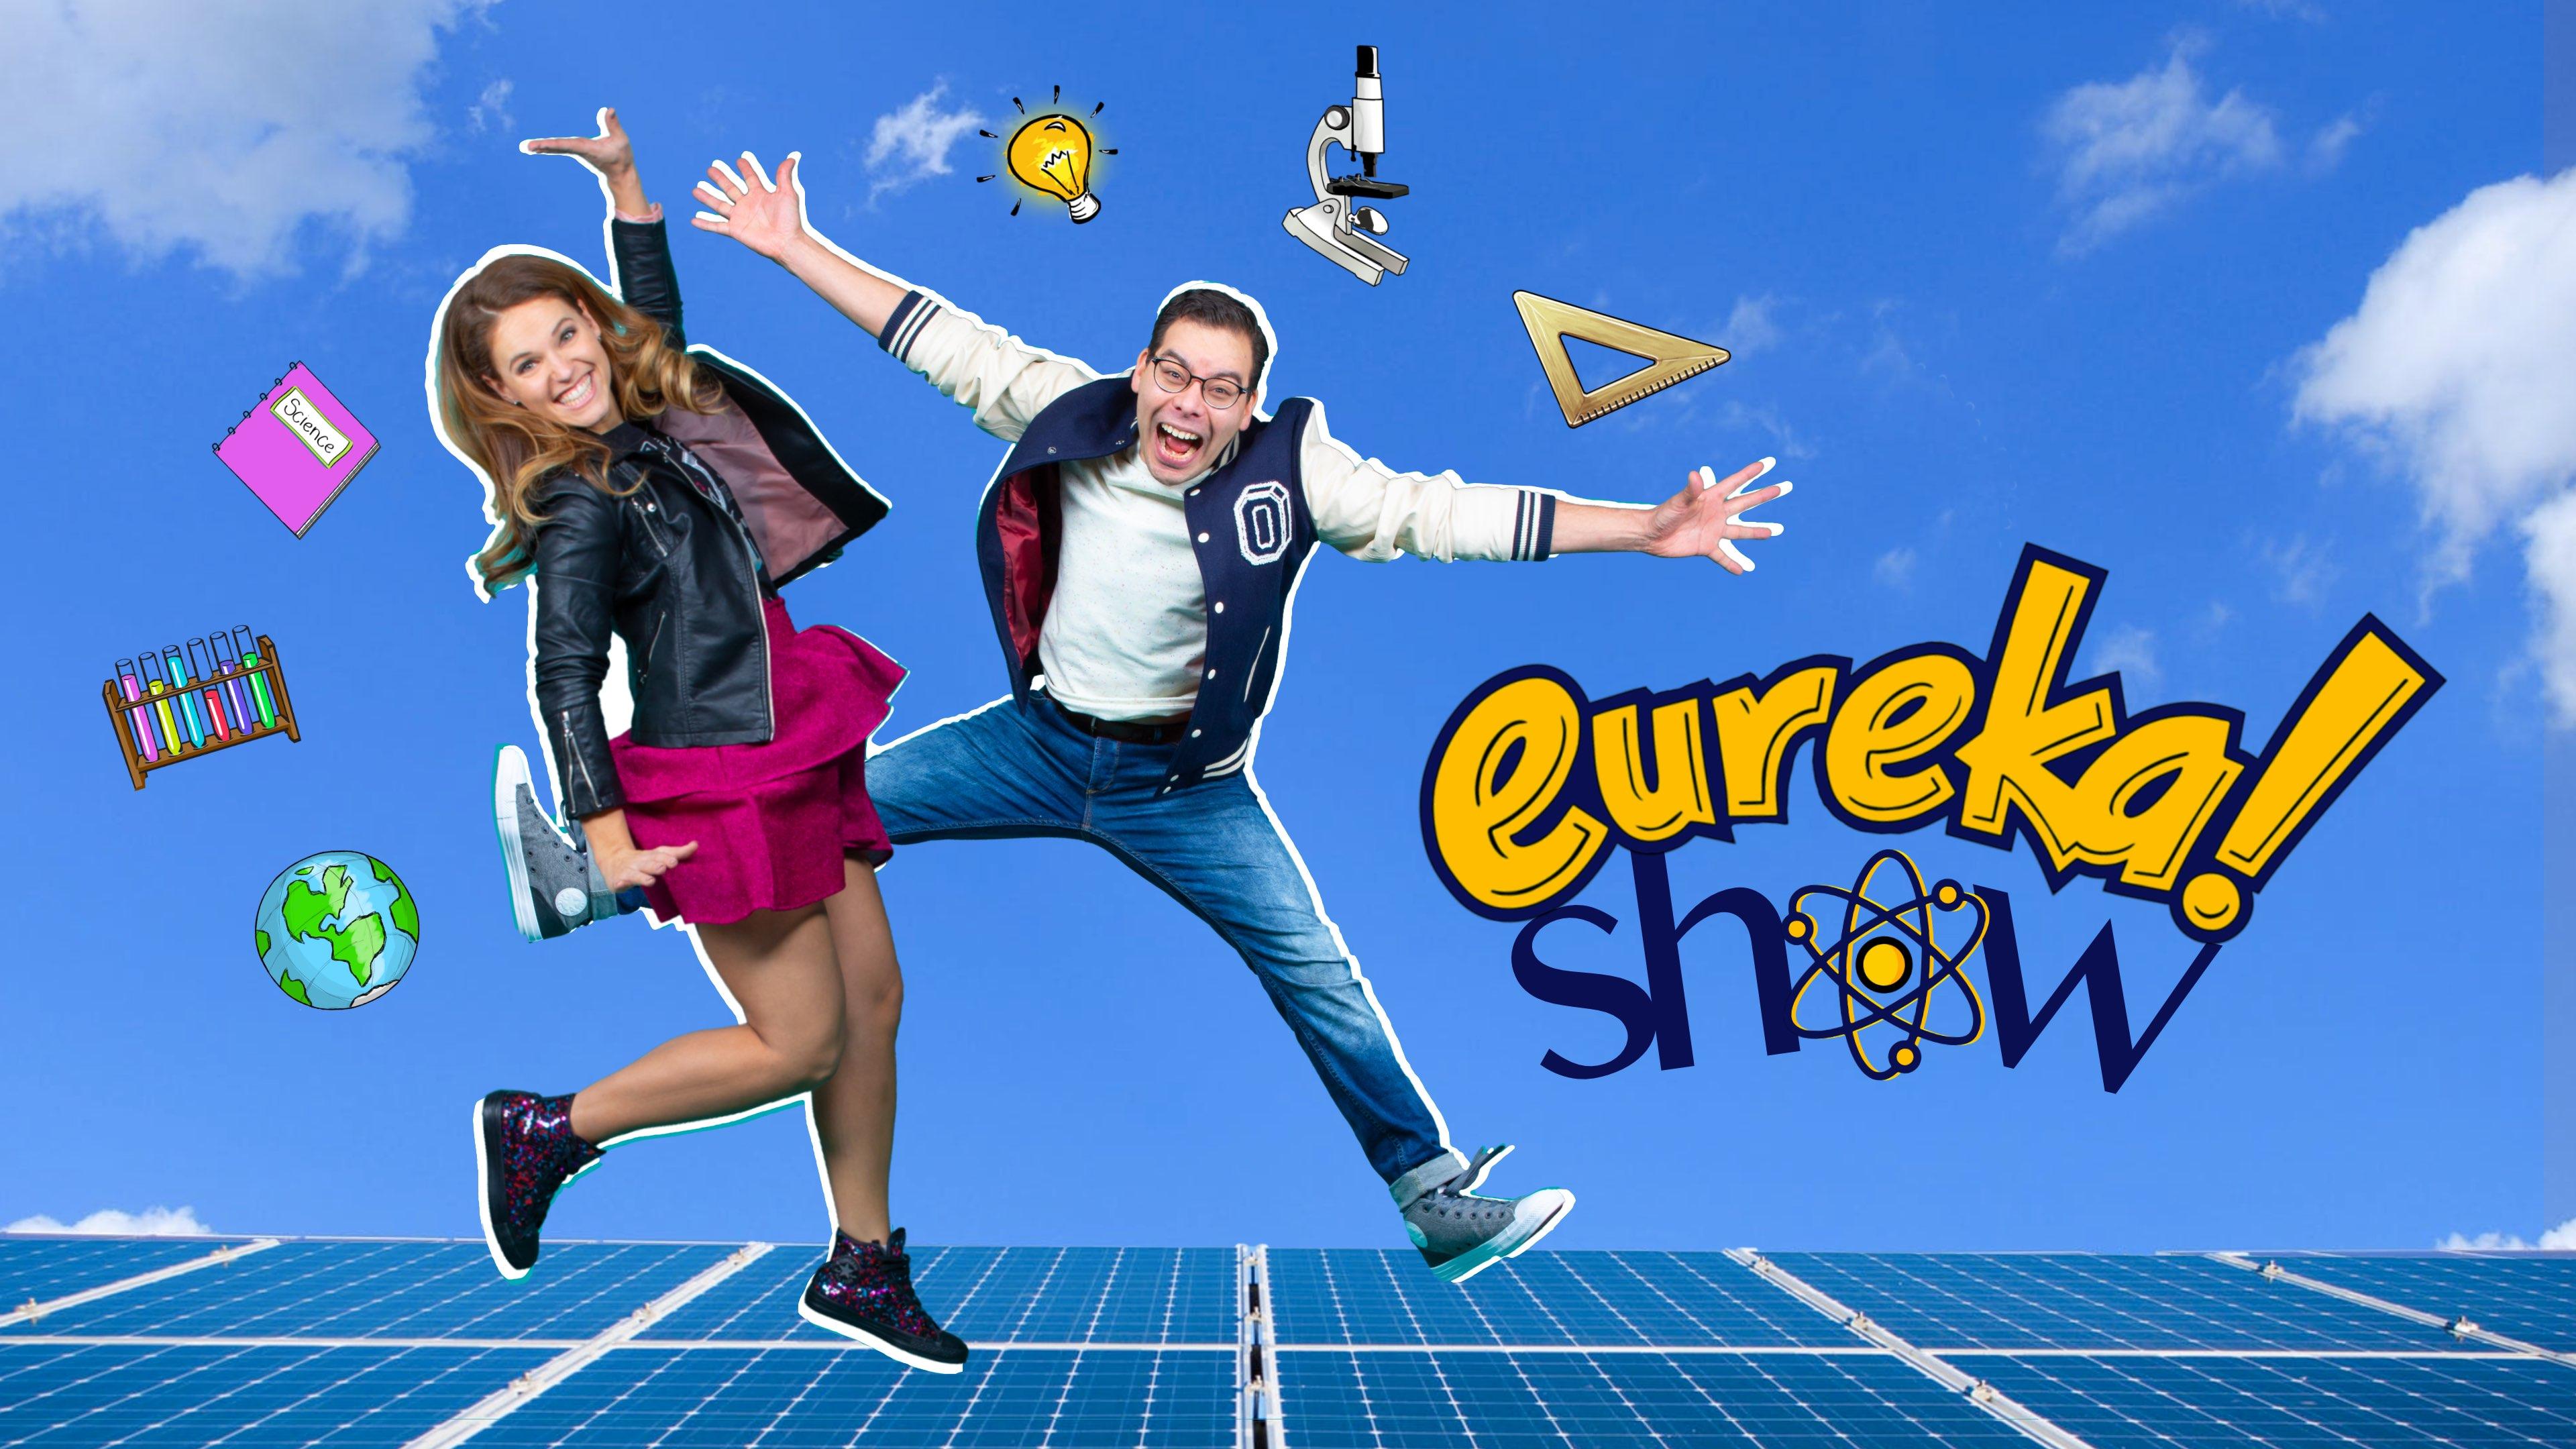 Jamie & Charly Eureka Kindershow